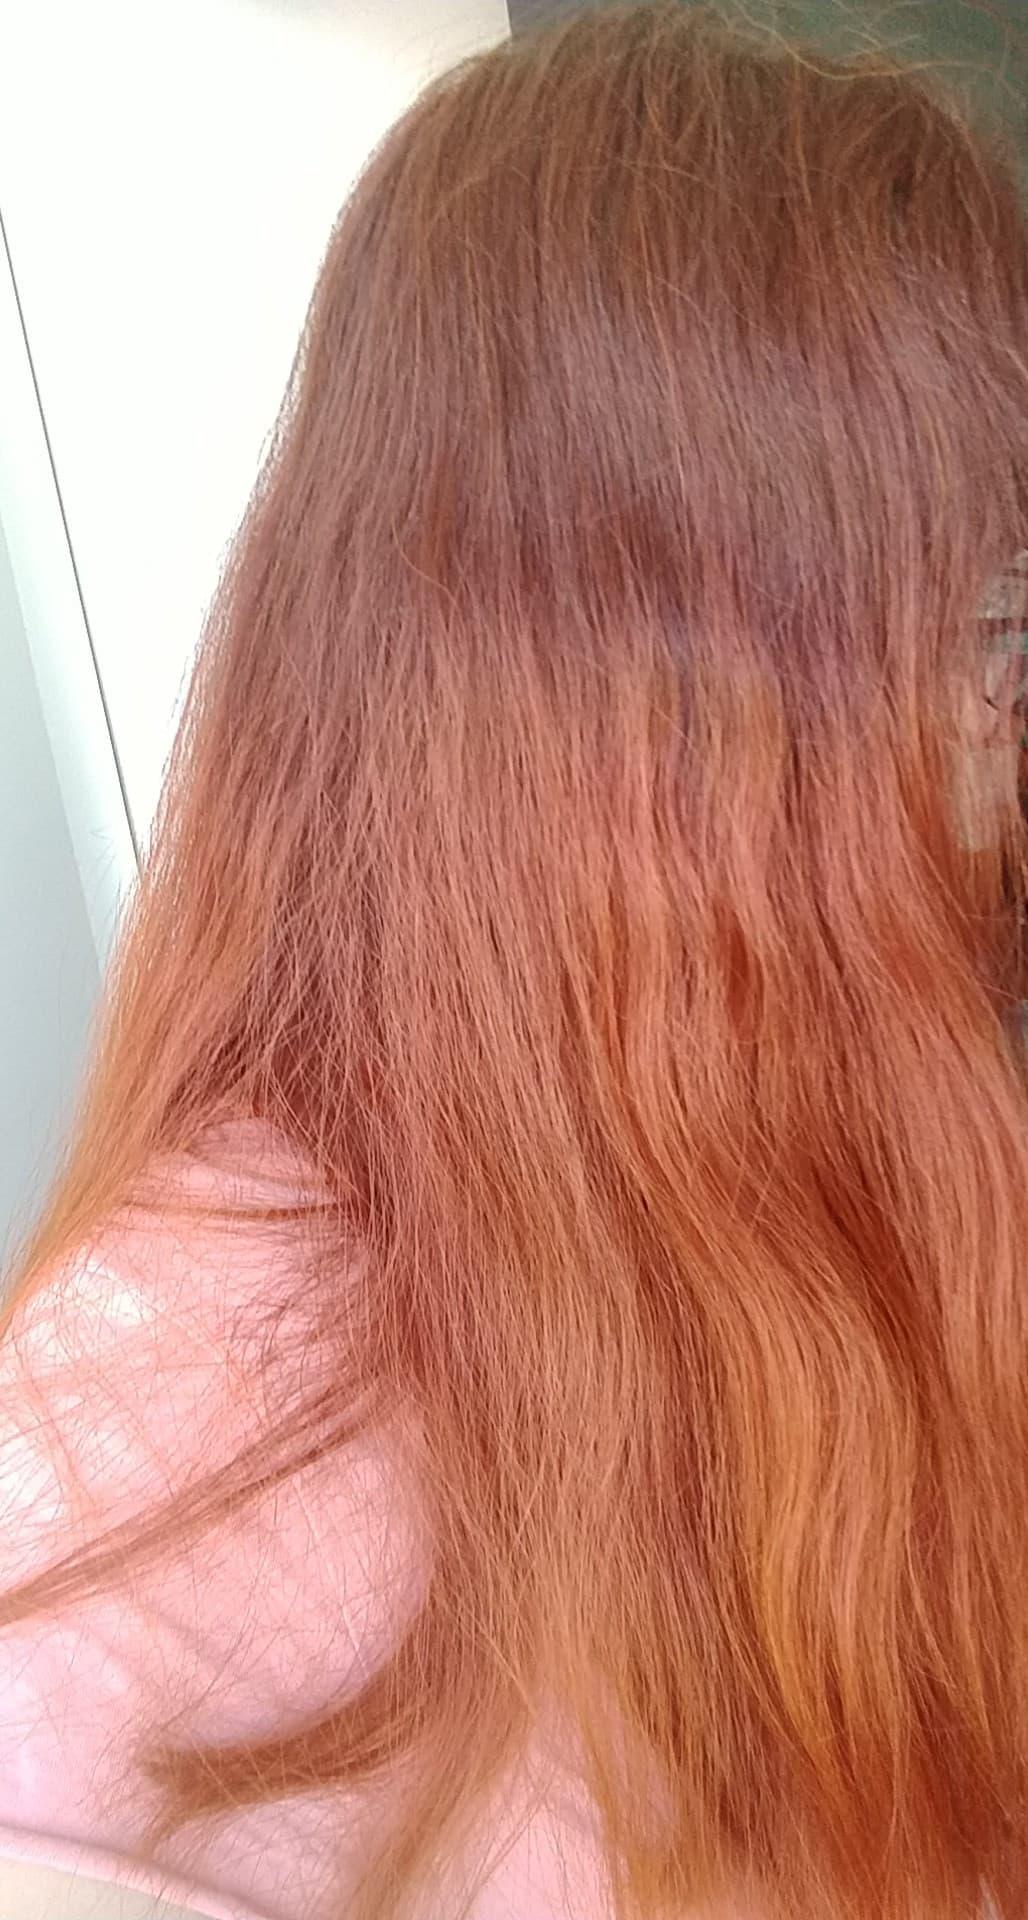 Biorita Henna Copper - Elena